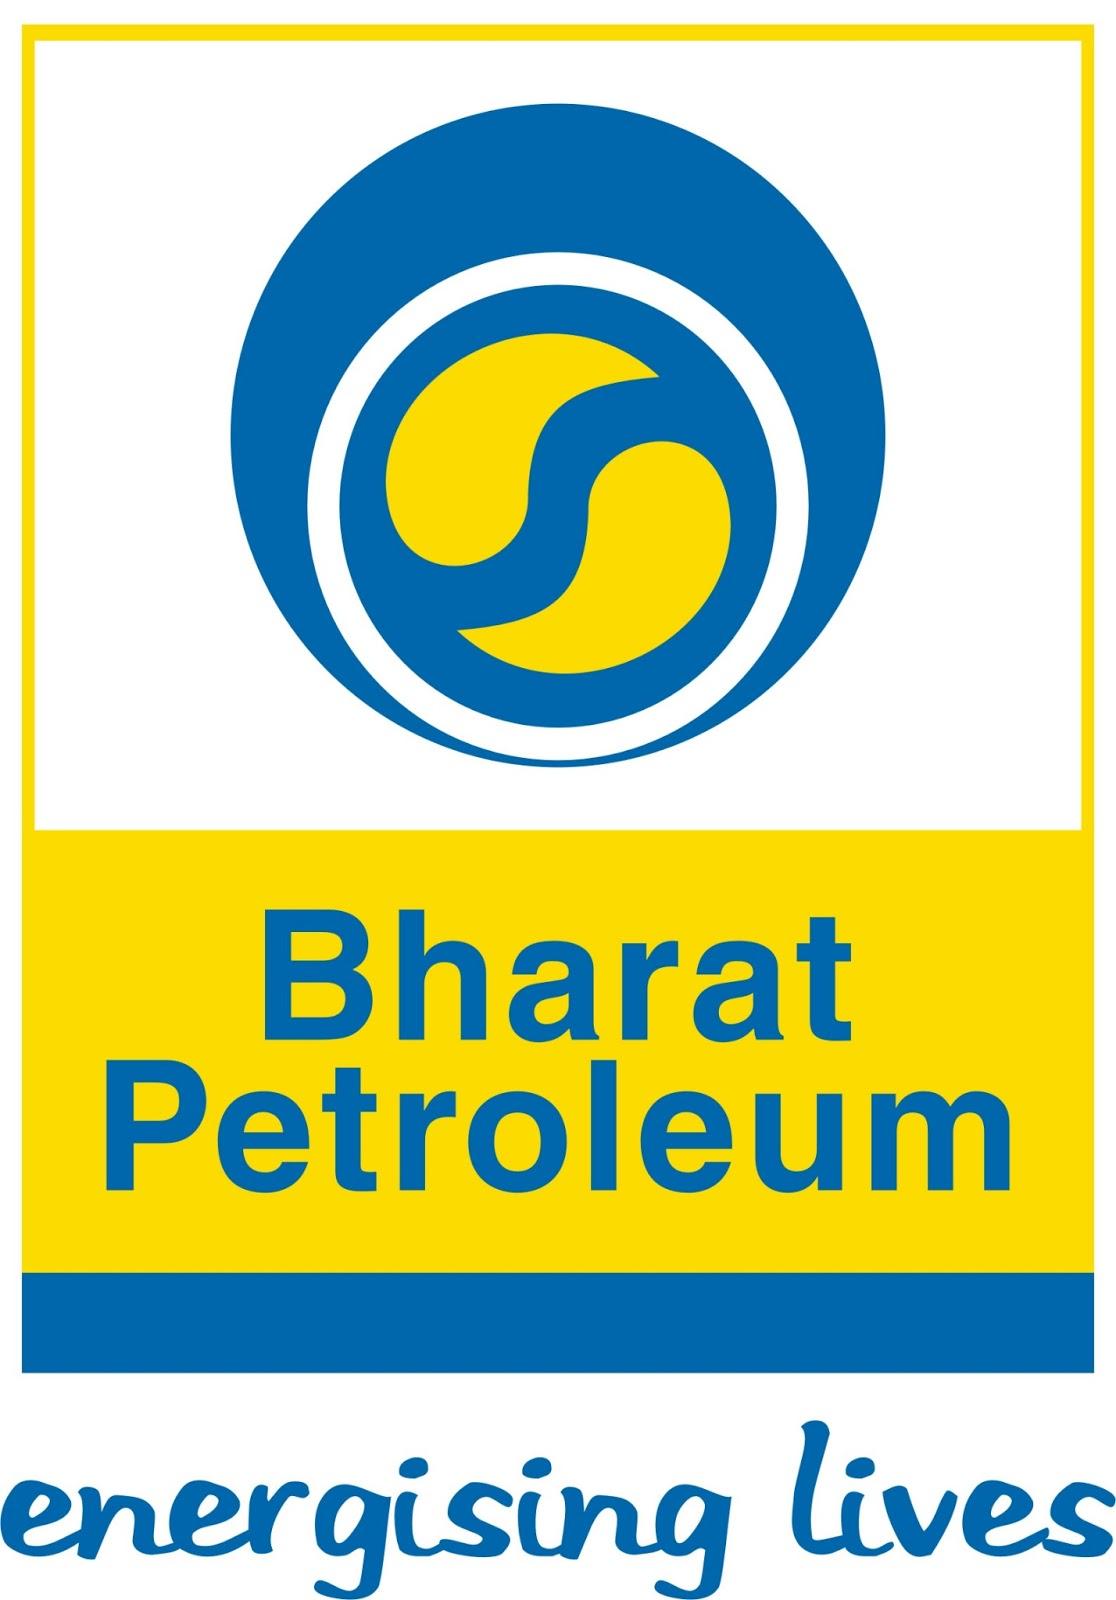 bharat petroleum hiring experienced professionals 1 2